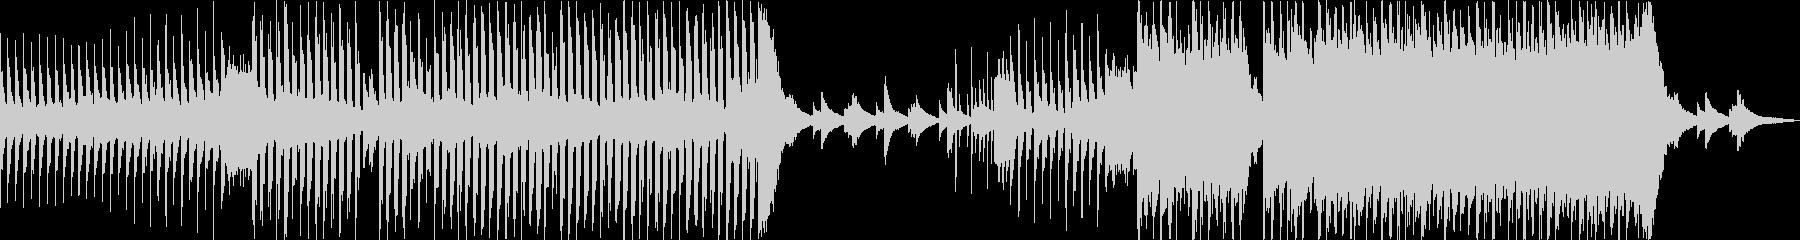 爽やかなハウス系のアメイジンググレイスの未再生の波形